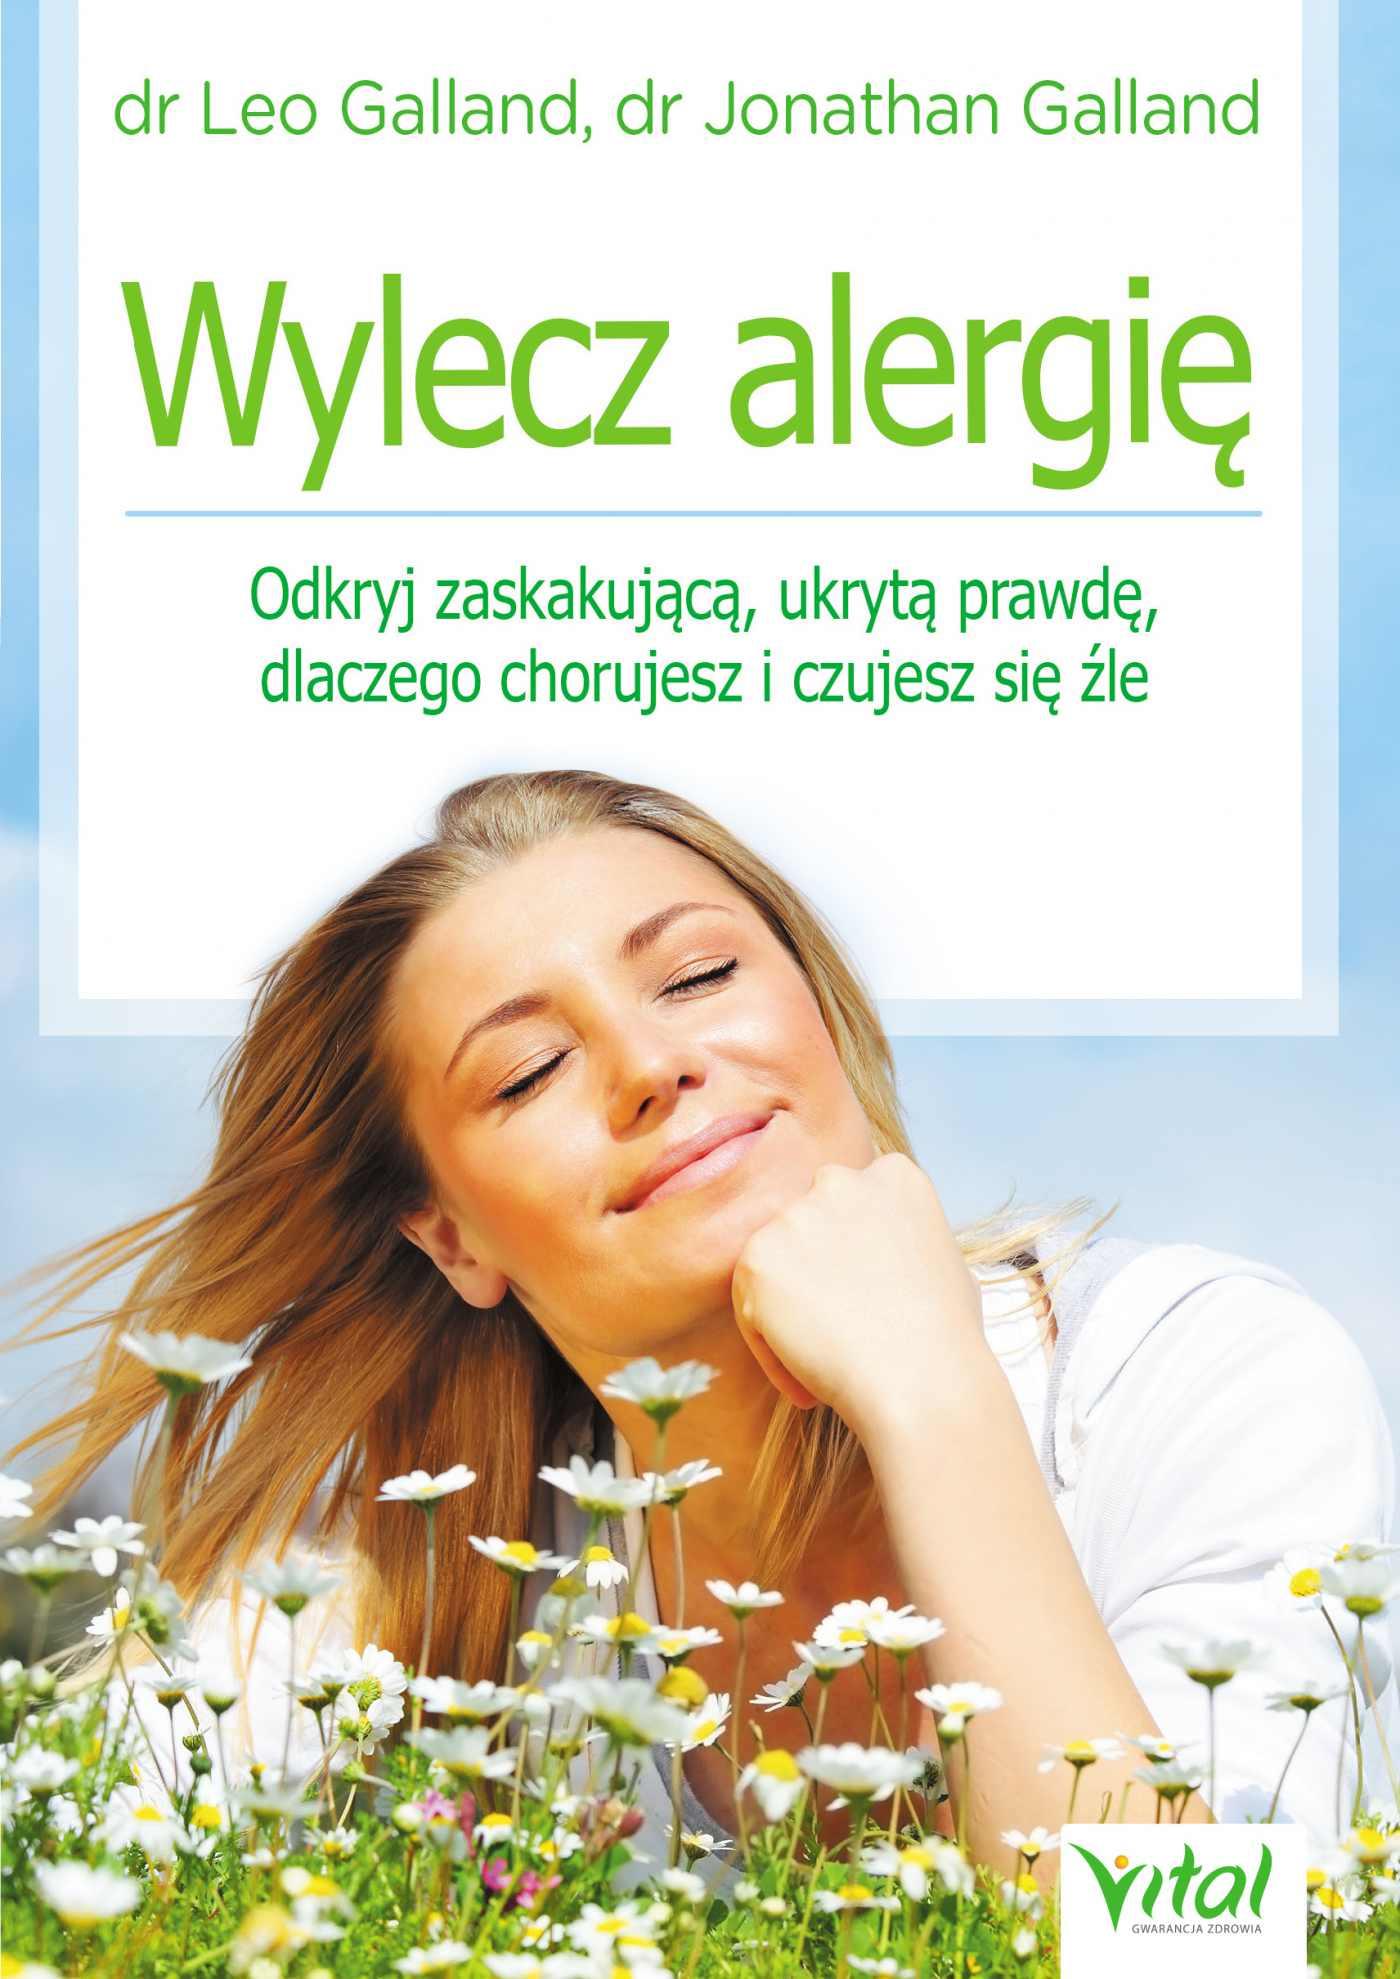 Wylecz alergię. Odkryj zaskakującą, ukrytą prawdę, dlaczego chorujesz i czujesz się źle - Ebook (Książka EPUB) do pobrania w formacie EPUB